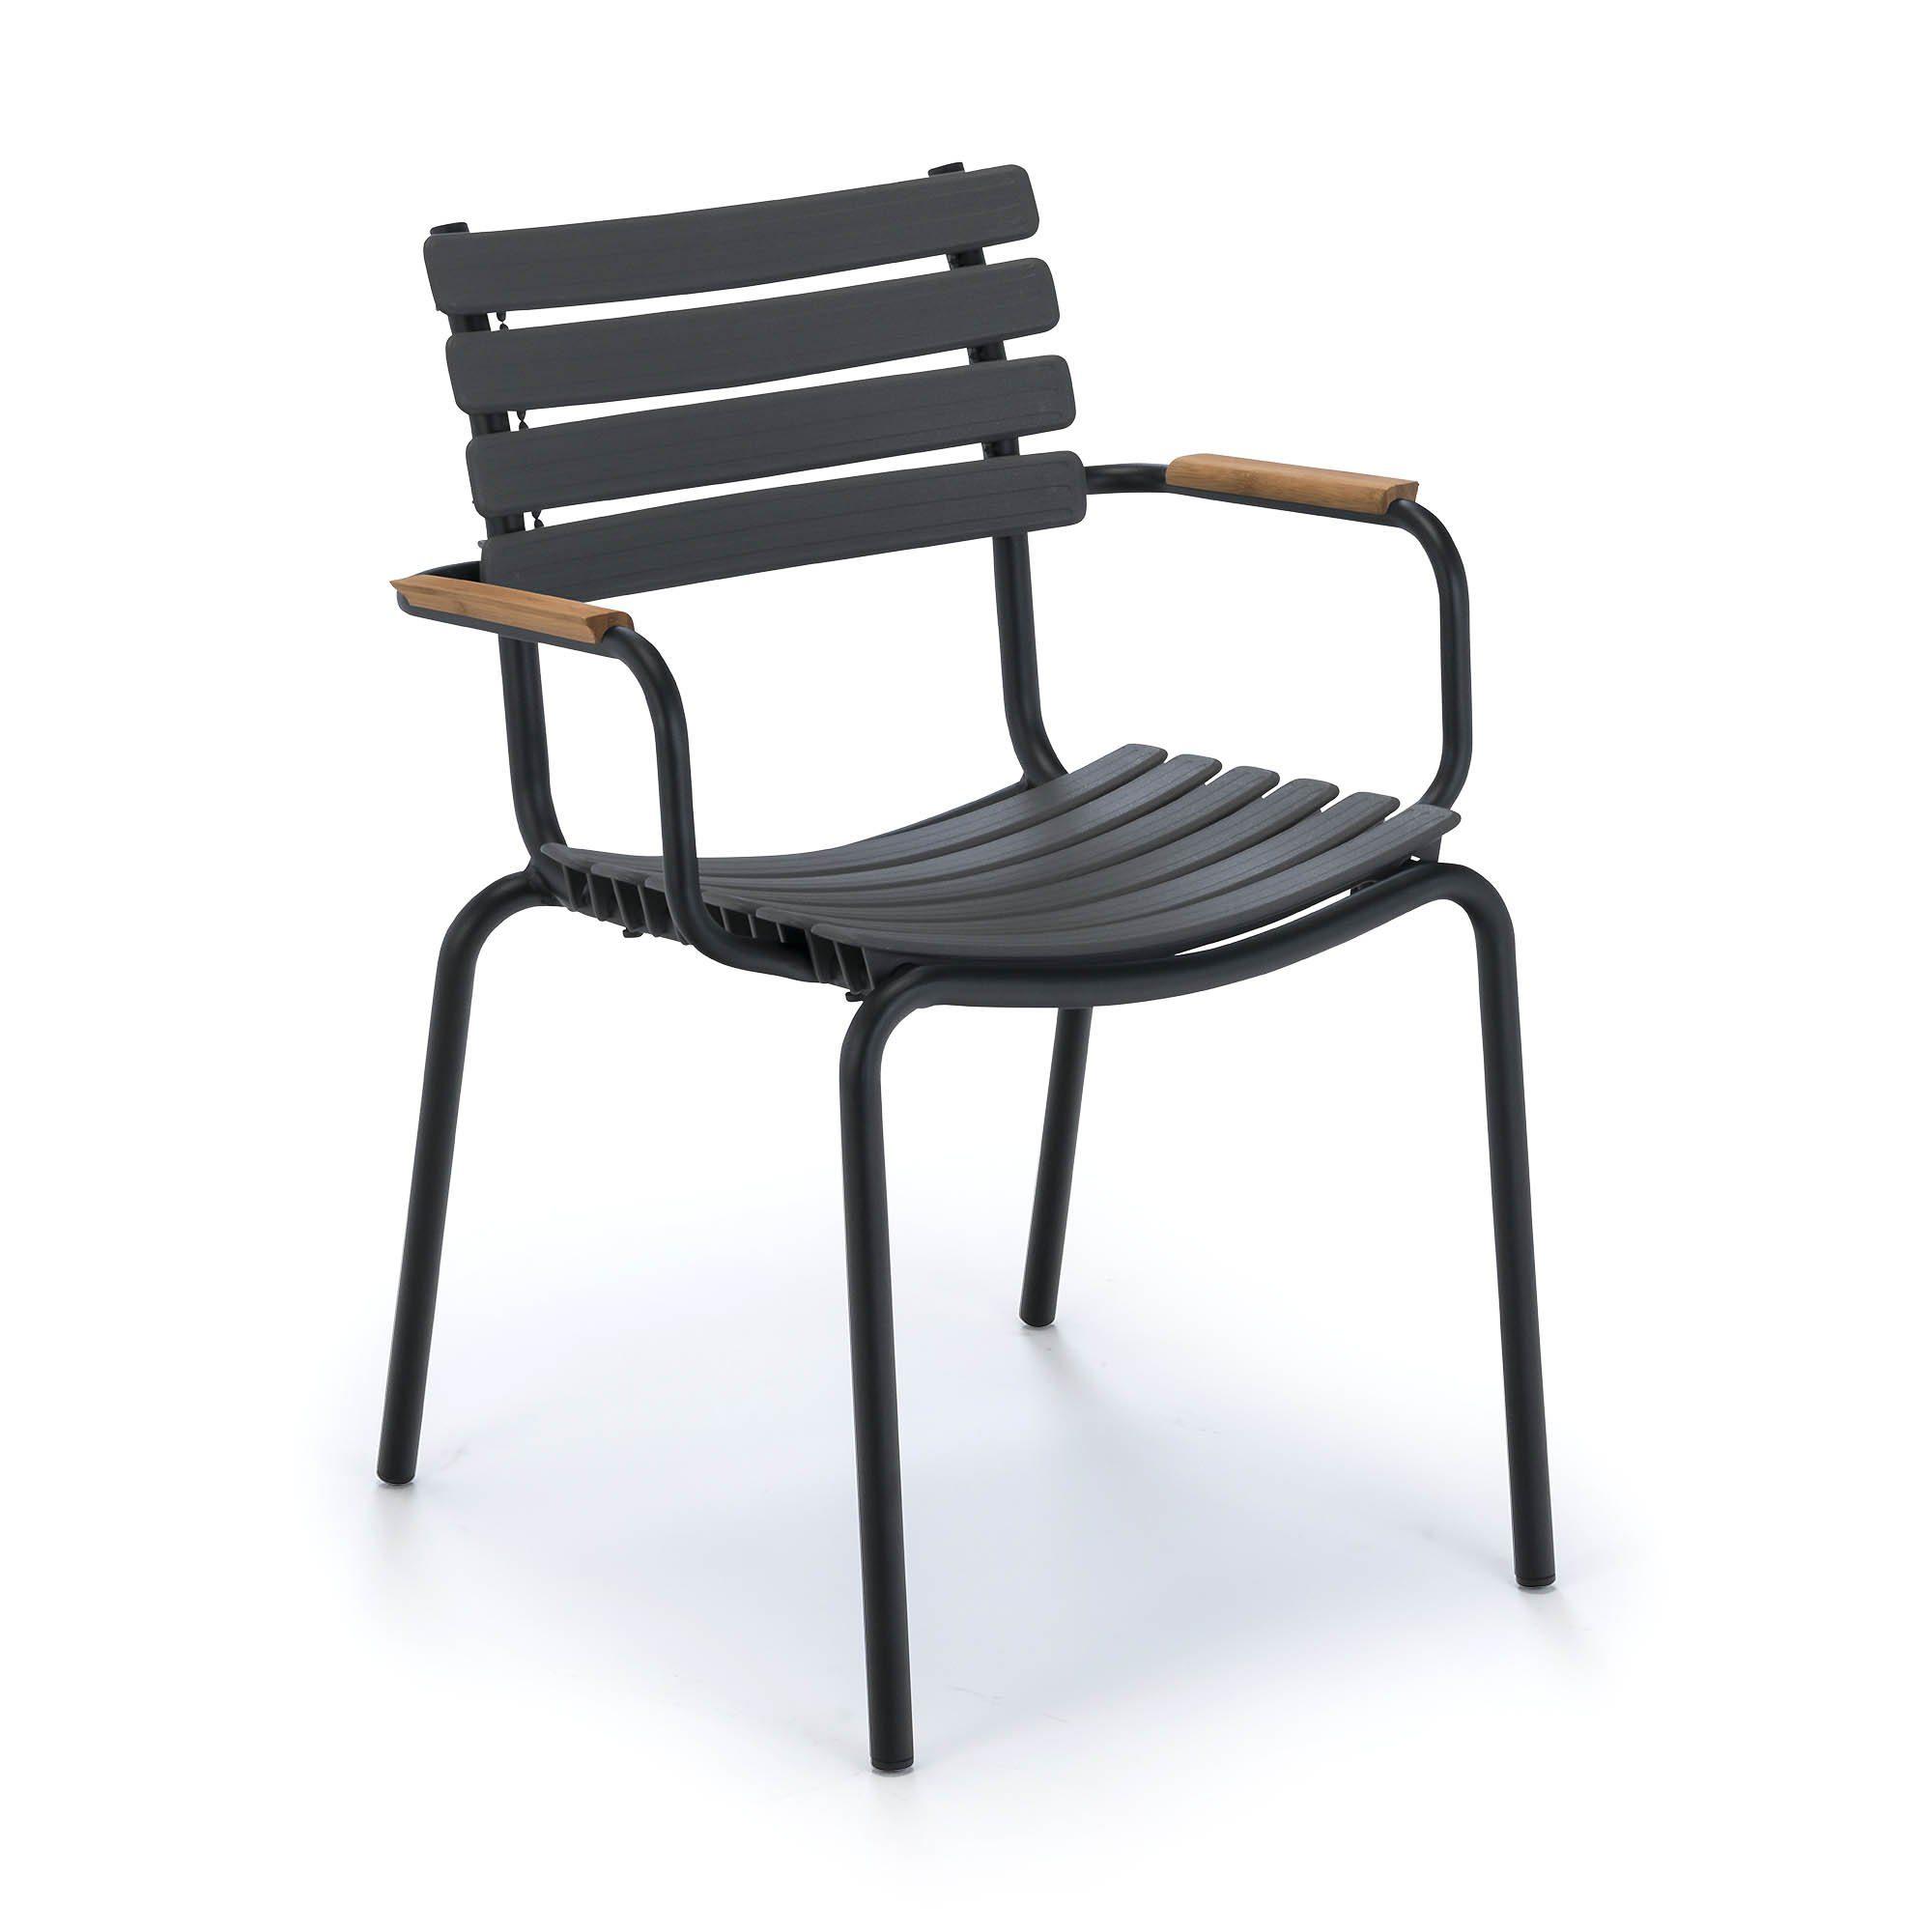 Clips karmstol med svart stativ och lergråa lameller och bambuarmstöd från Houe.